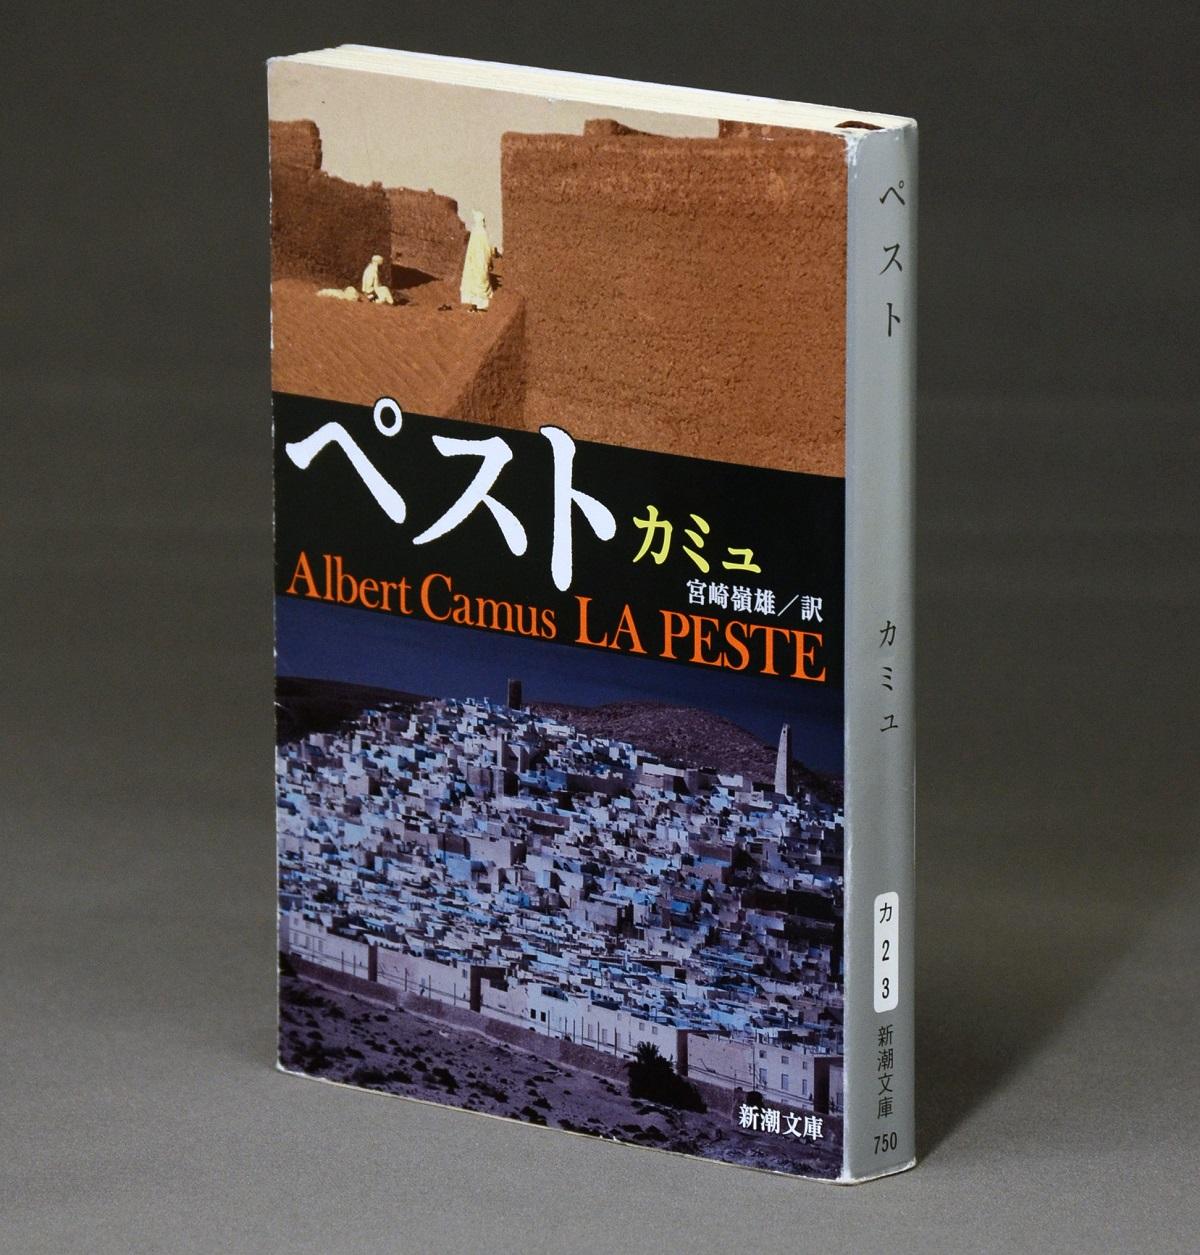 アルベール・カミュの『ペスト』(宮崎嶺雄訳、新潮文庫)